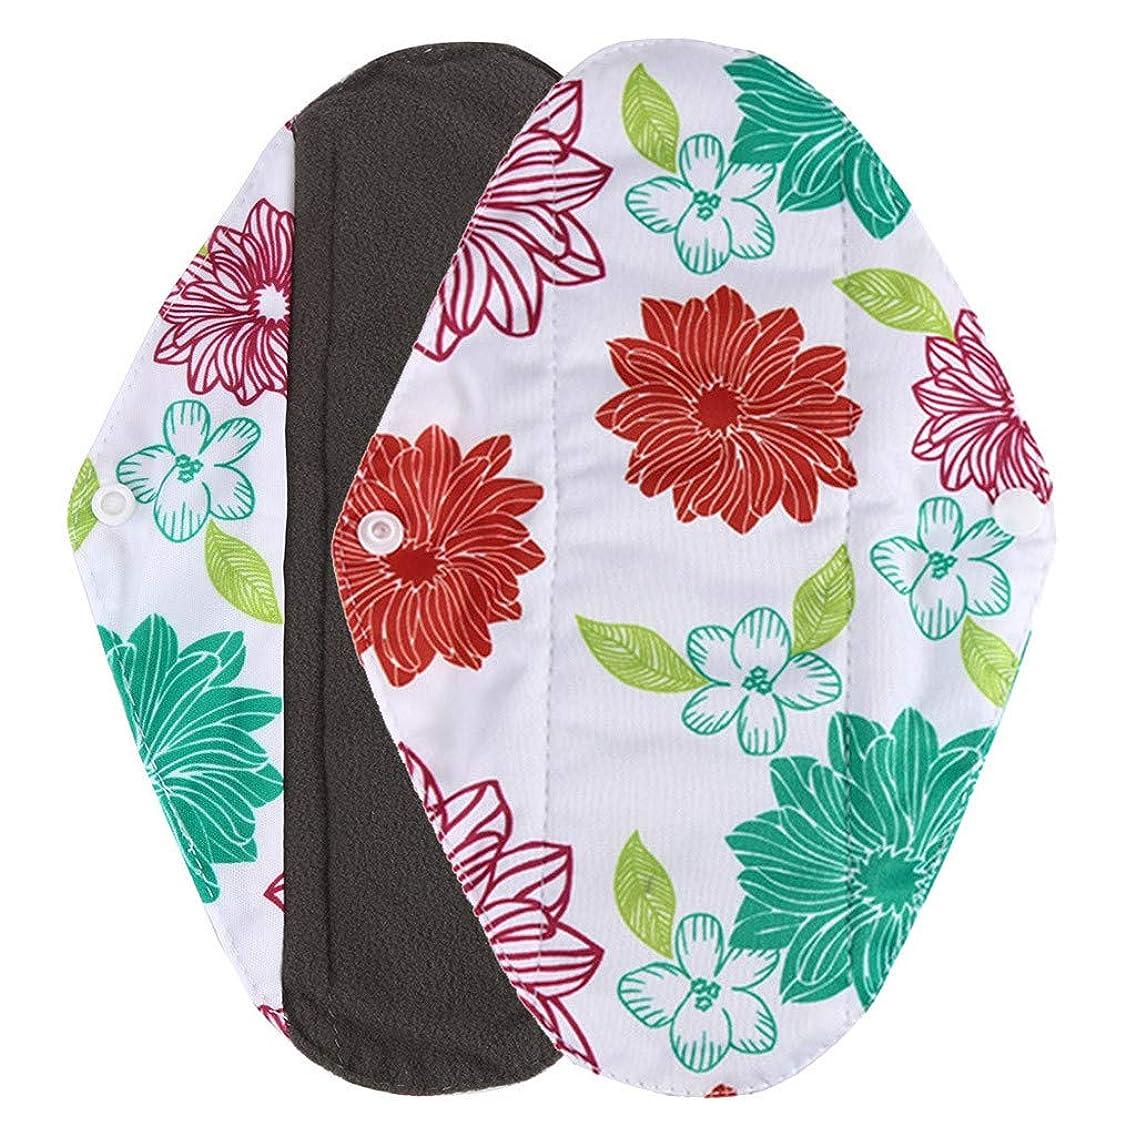 示すパッケージヘビーSAMHOT洗える生理用ナプキン再利用可能な女性の女の子女性竹布生理用ナプキン母タオル緑 (S)